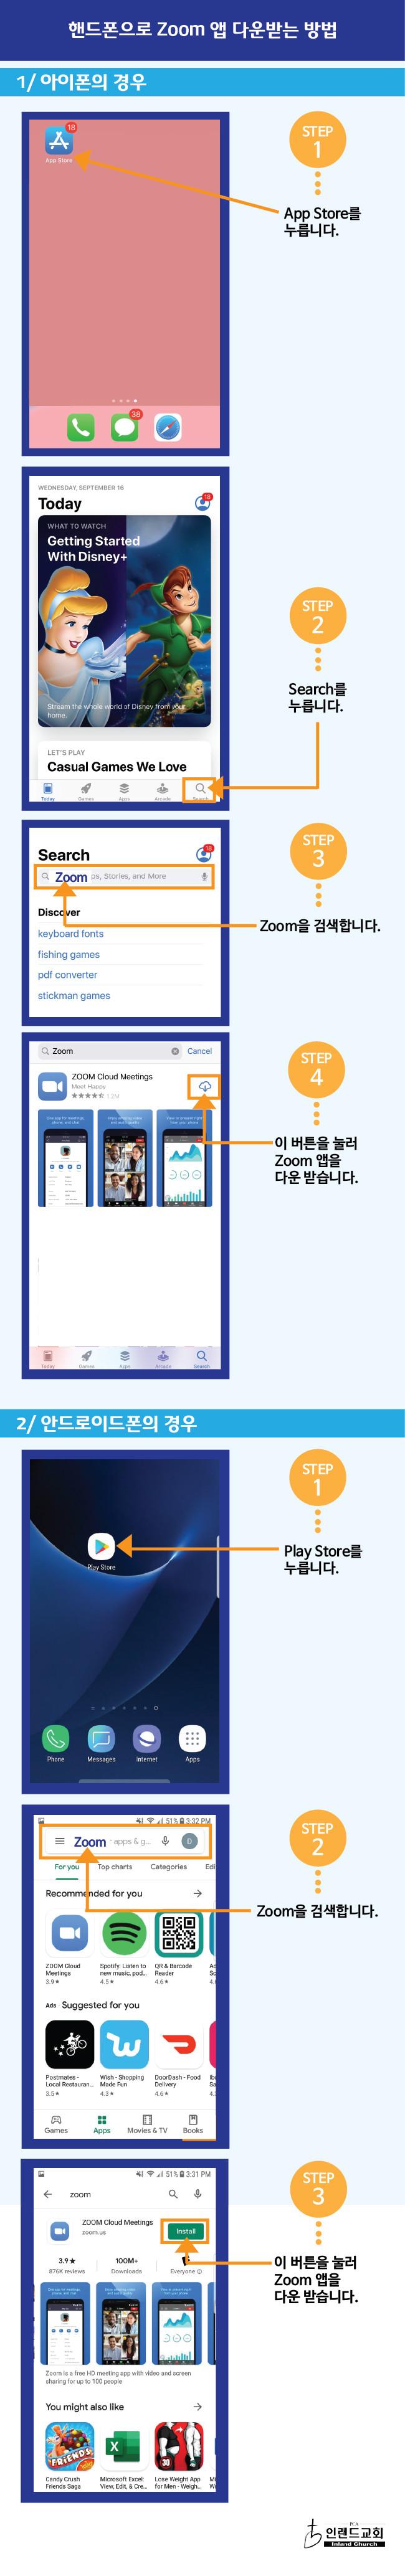 zoom-앱-다운받는-법.jpg